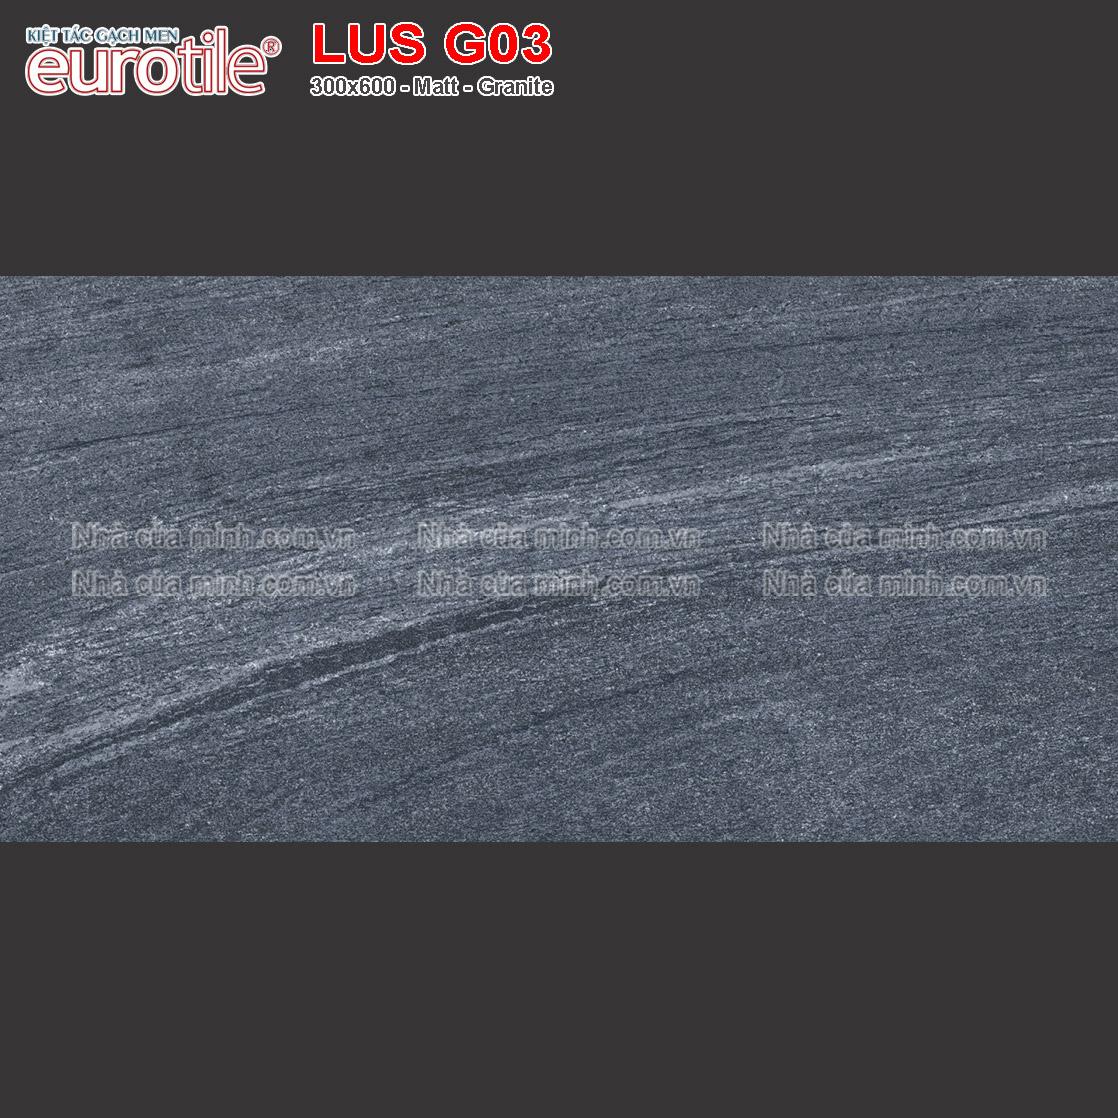 Gạch ốp lát 300x600 Eurotile Lưu Sa LUS G03 giá tốt